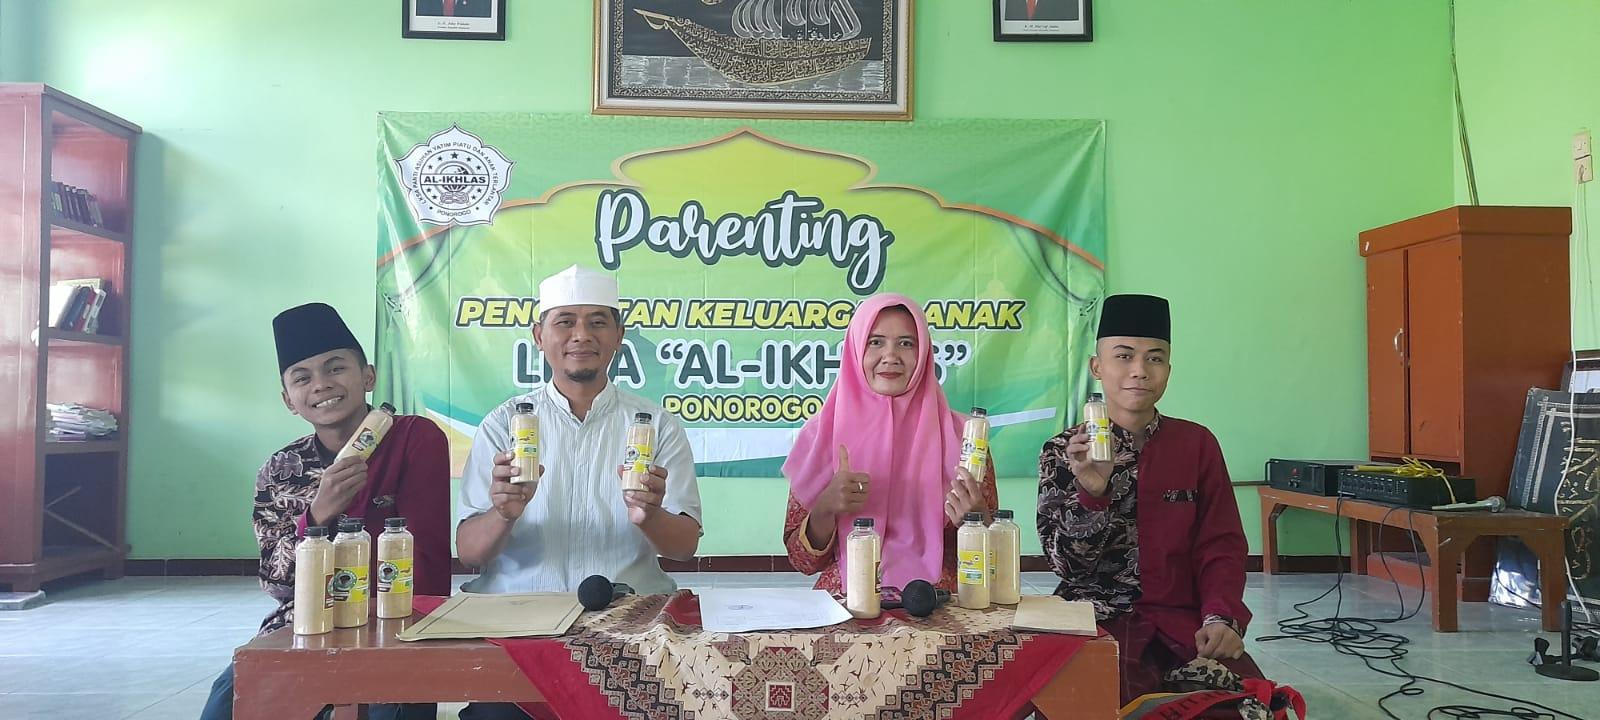 Taufiq Asyhari dan Indi Warwati bersama dua orang santri LKSA Al Ikhlas memamerkan kemasan jamu herbal